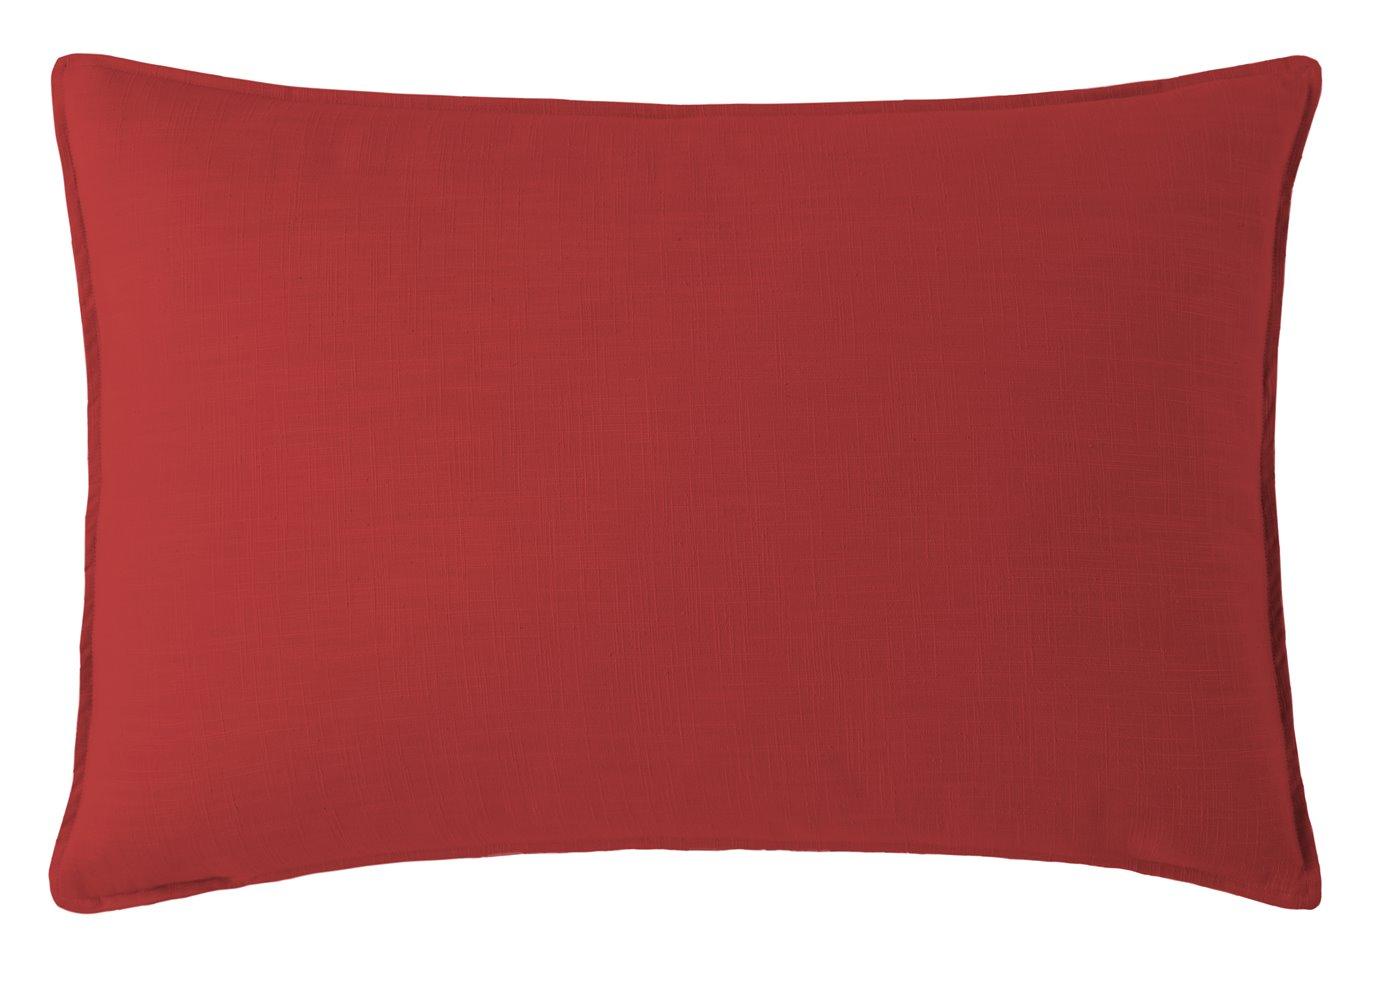 Cambric Red Pillow Sham Standard/Queen